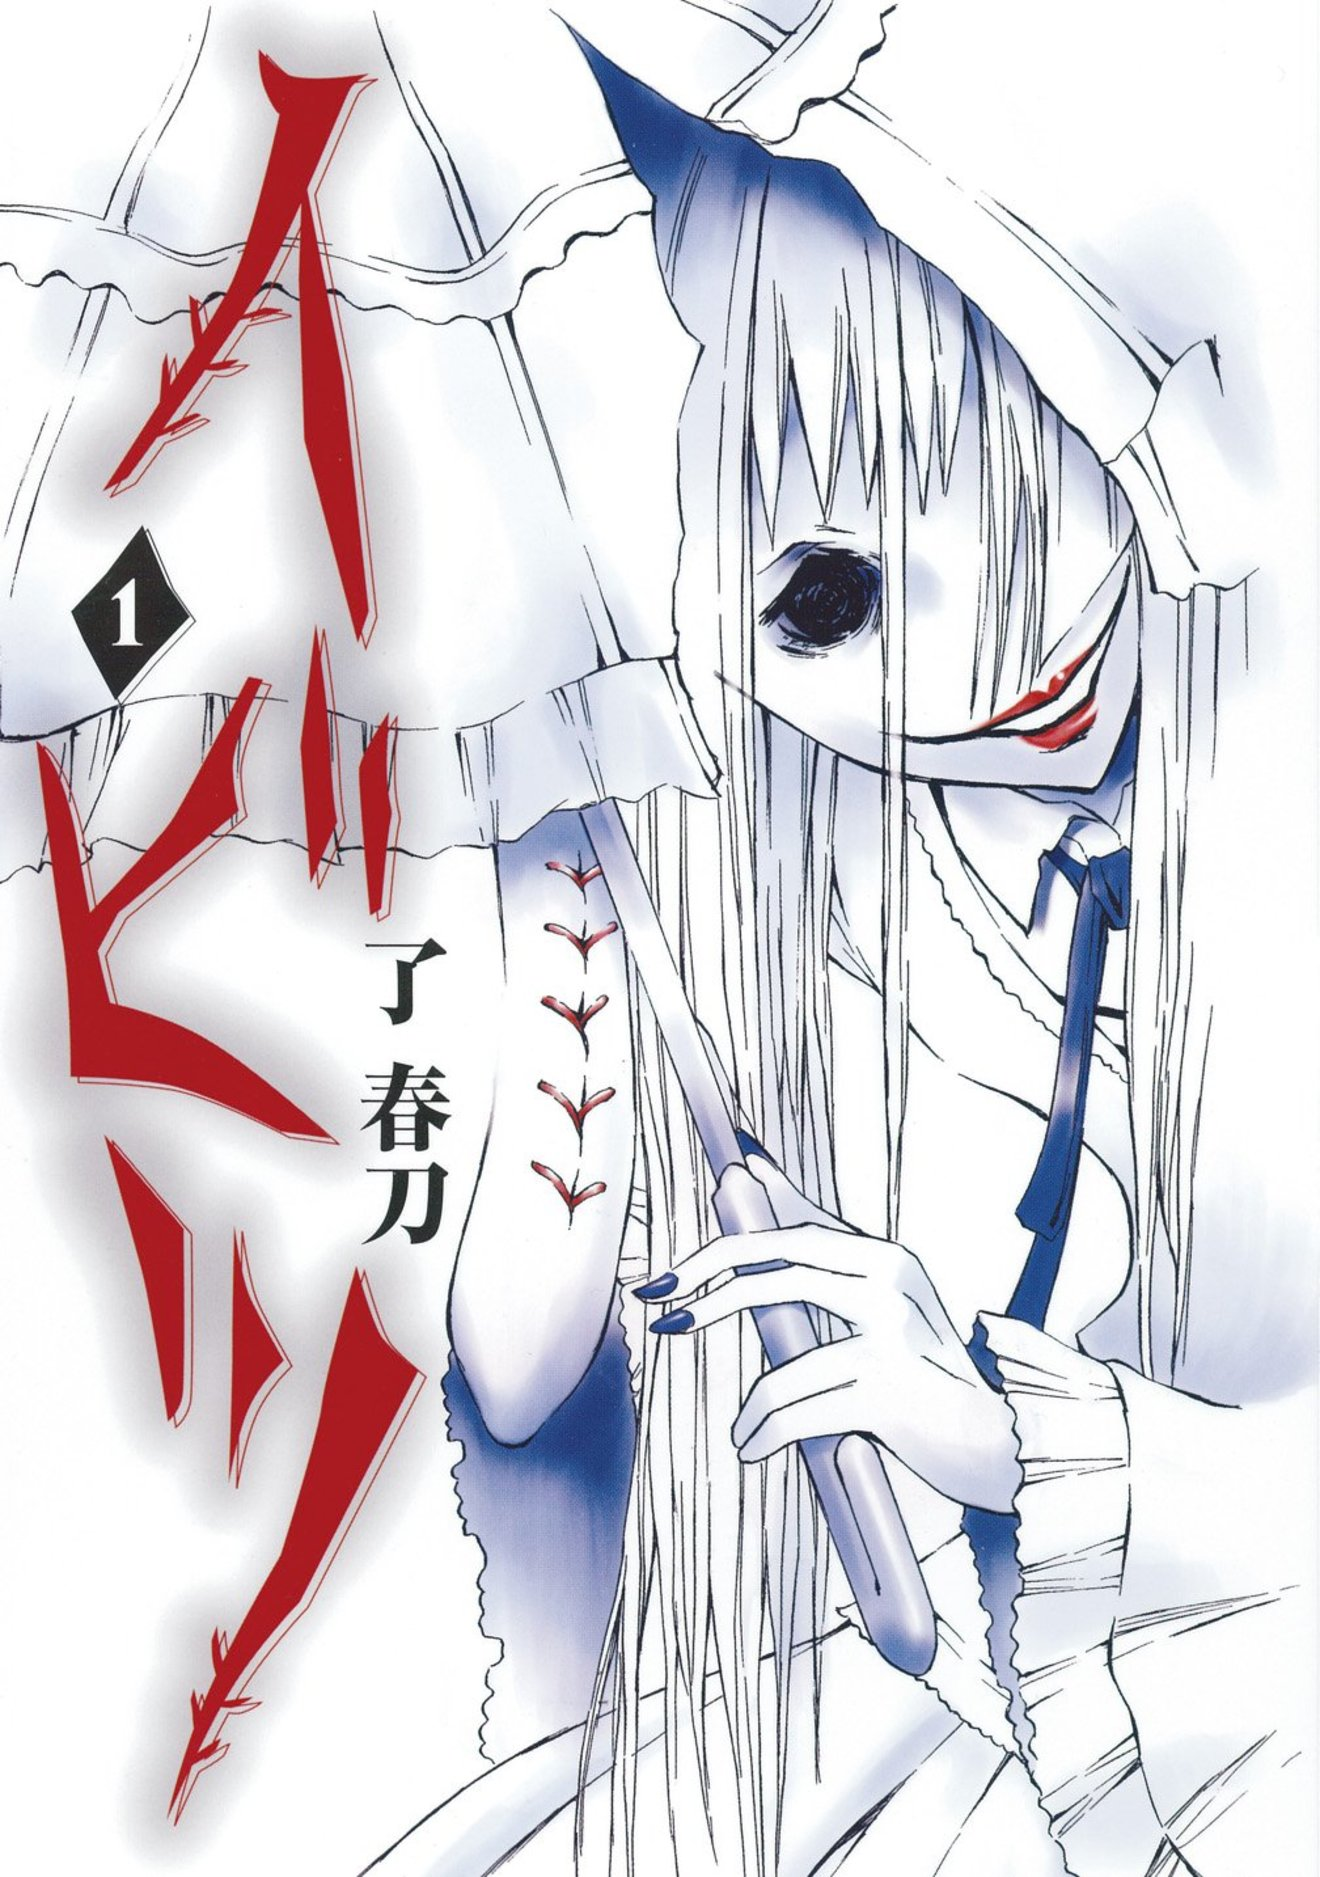 『イビツ』が無料で読める!ヤンデレ×グロホラーの魅力を全巻ネタバレ紹介!